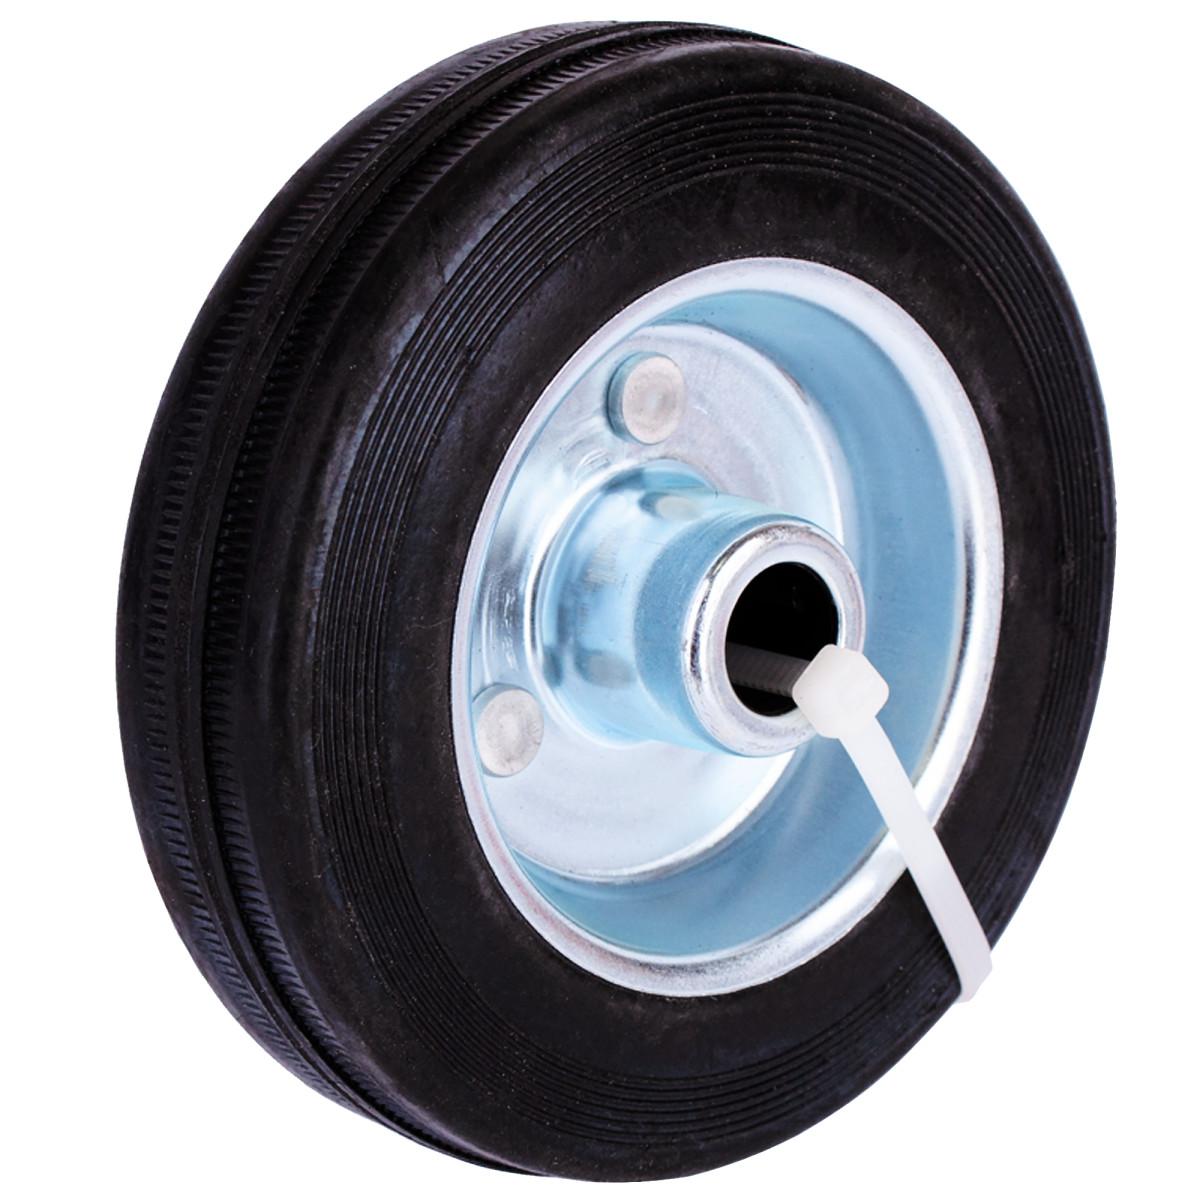 Колесо без тормоза 100 мм до 70 кг